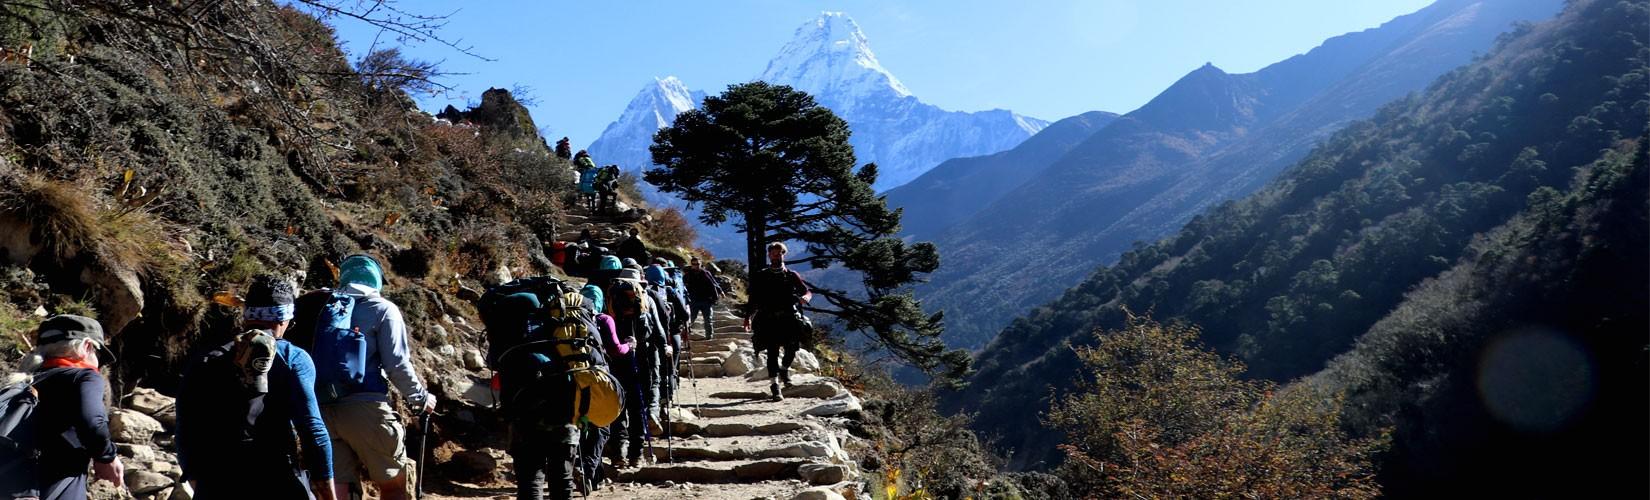 Trekkers walking to Pangboche